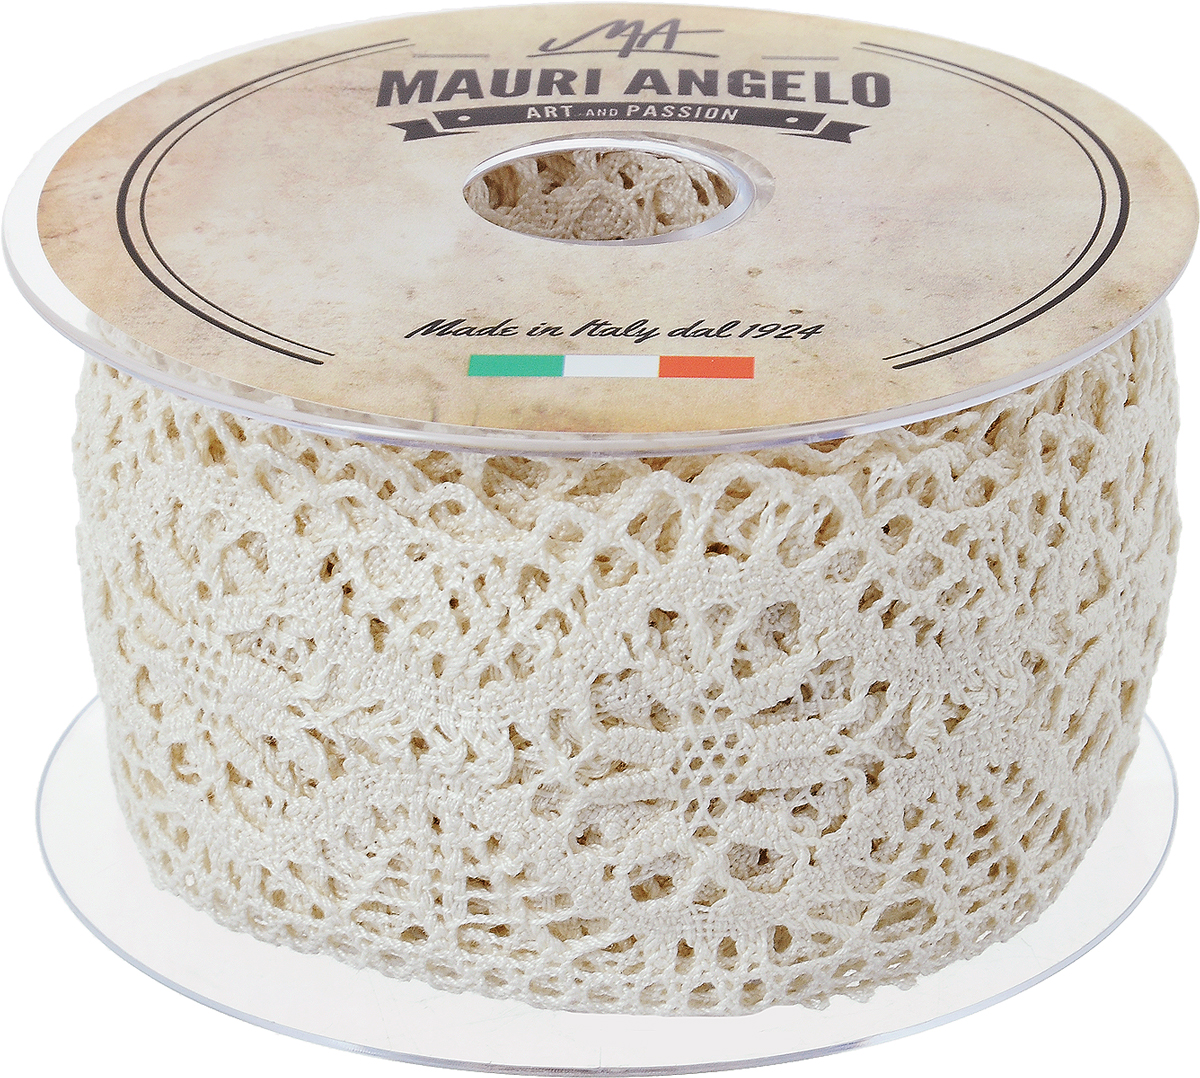 Лента кружевная Mauri Angelo, цвет: бежевый, 6,3 см х 10 мMR5320/E_бежевыйДекоративная кружевная лента Mauri Angelo - текстильное изделие без тканой основы, в котором ажурный орнамент и изображения образуются в результате переплетения нитей. Кружево применяется для отделки одежды, белья в виде окаймления или вставок, а также в оформлении интерьера, декоративных панно, скатертей, тюлей, покрывал. Главные особенности кружева - воздушность, тонкость, эластичность, узорность.Декоративная кружевная лента Mauri Angelo станет незаменимым элементом в создании рукотворного шедевра. Ширина: 6,3 см.Длина: 10 м.